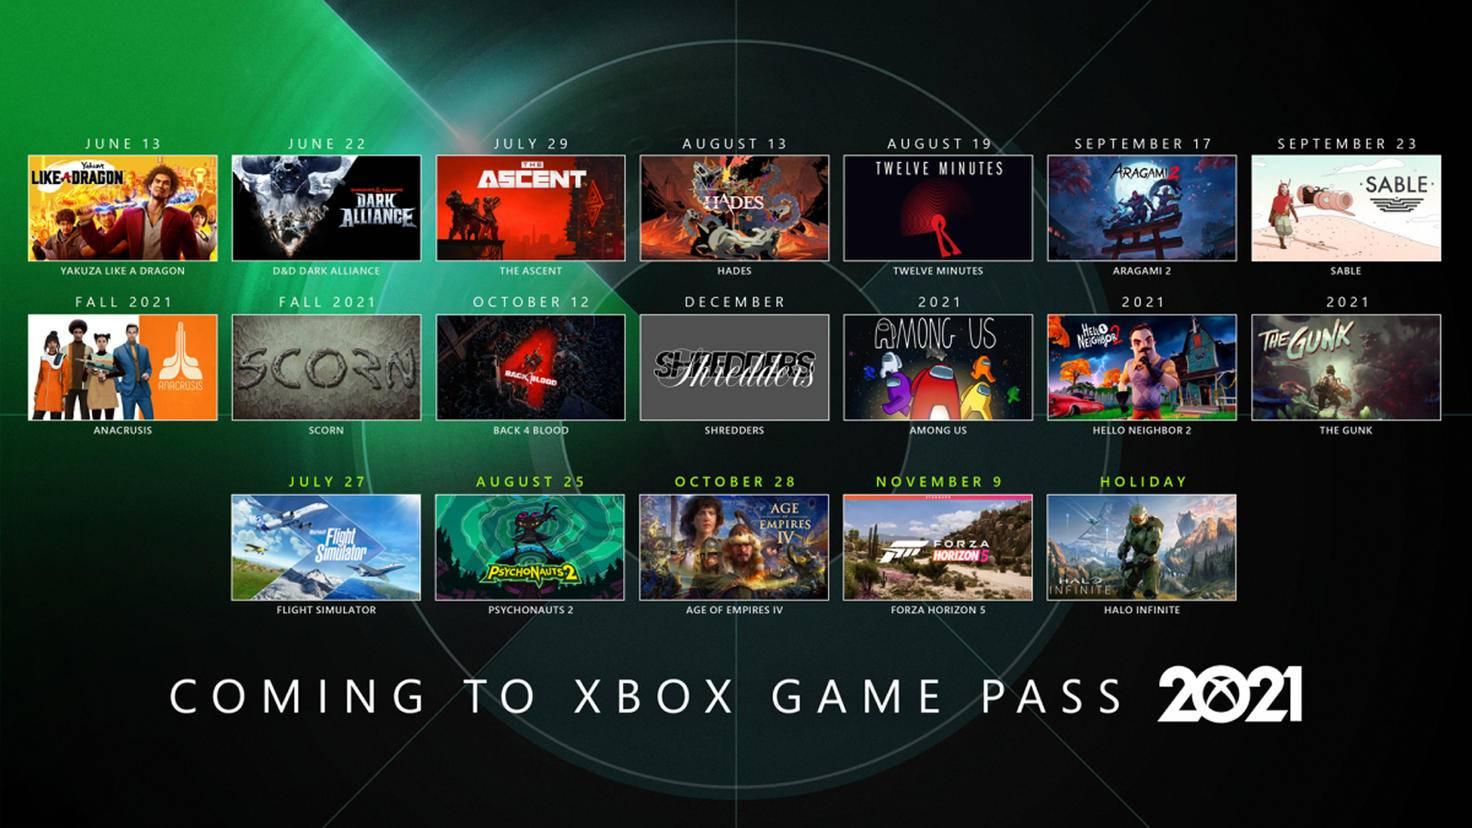 Xbox Game Pass 2021